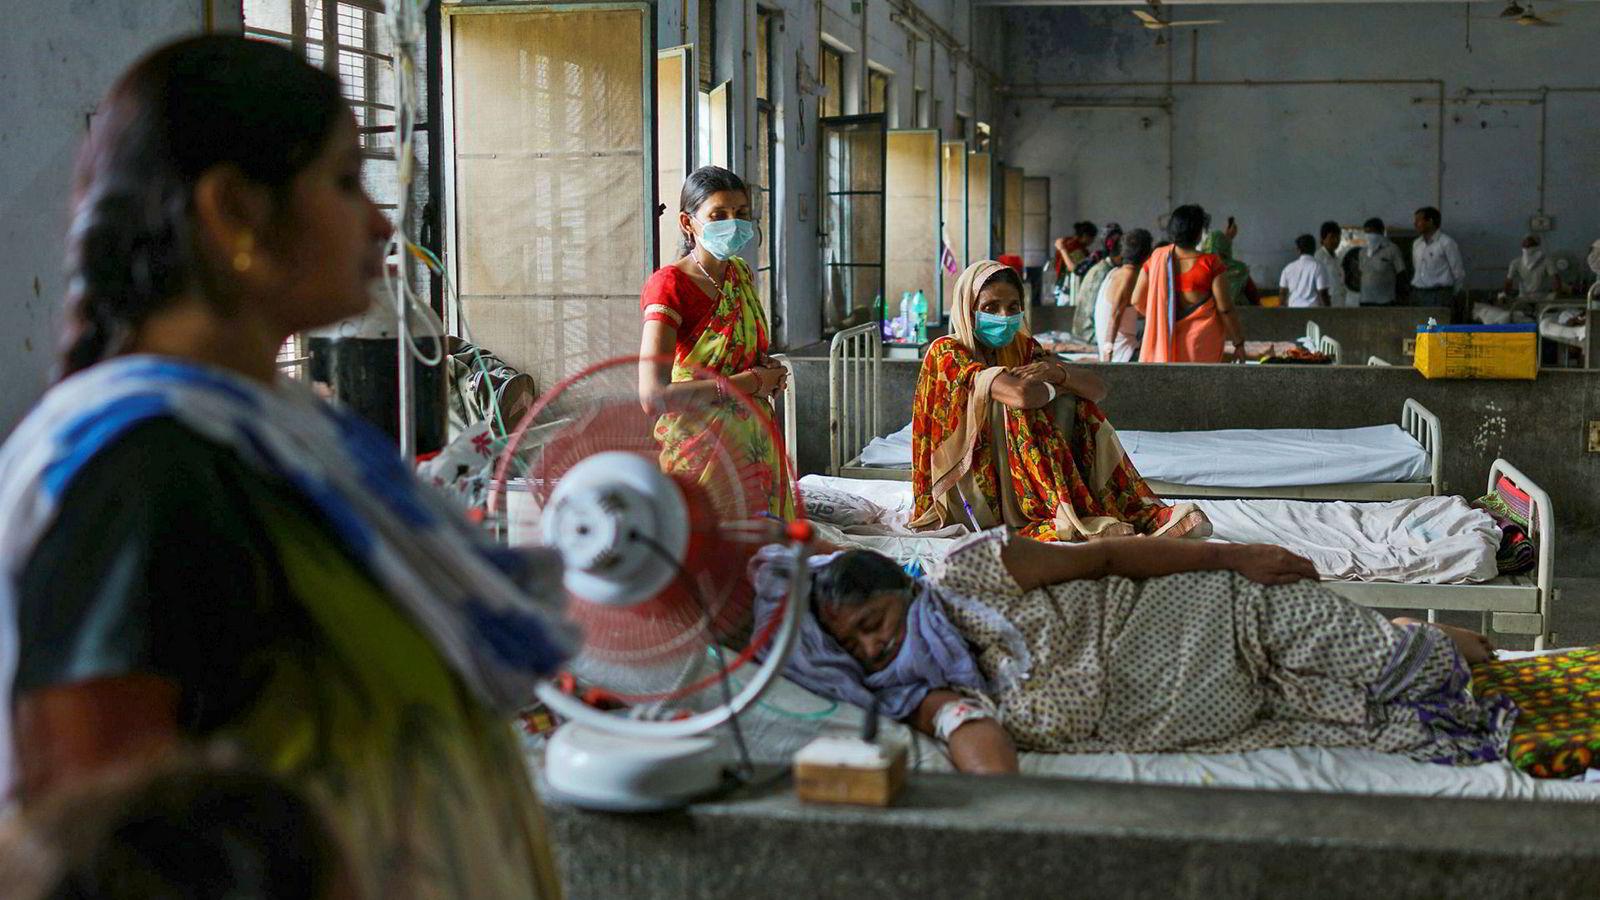 Statsminister Narendra Modi lanserte i helgen gratis helseforsikring for 40 prosent av Indias fattigste. Det er satt et tak på 55.000 kroner for hver behandling. Her fra Murari Lal Chest-sykehuset i Kanpur hvor pasienter blir behandlet for lungeplager på grunn av forurensing.